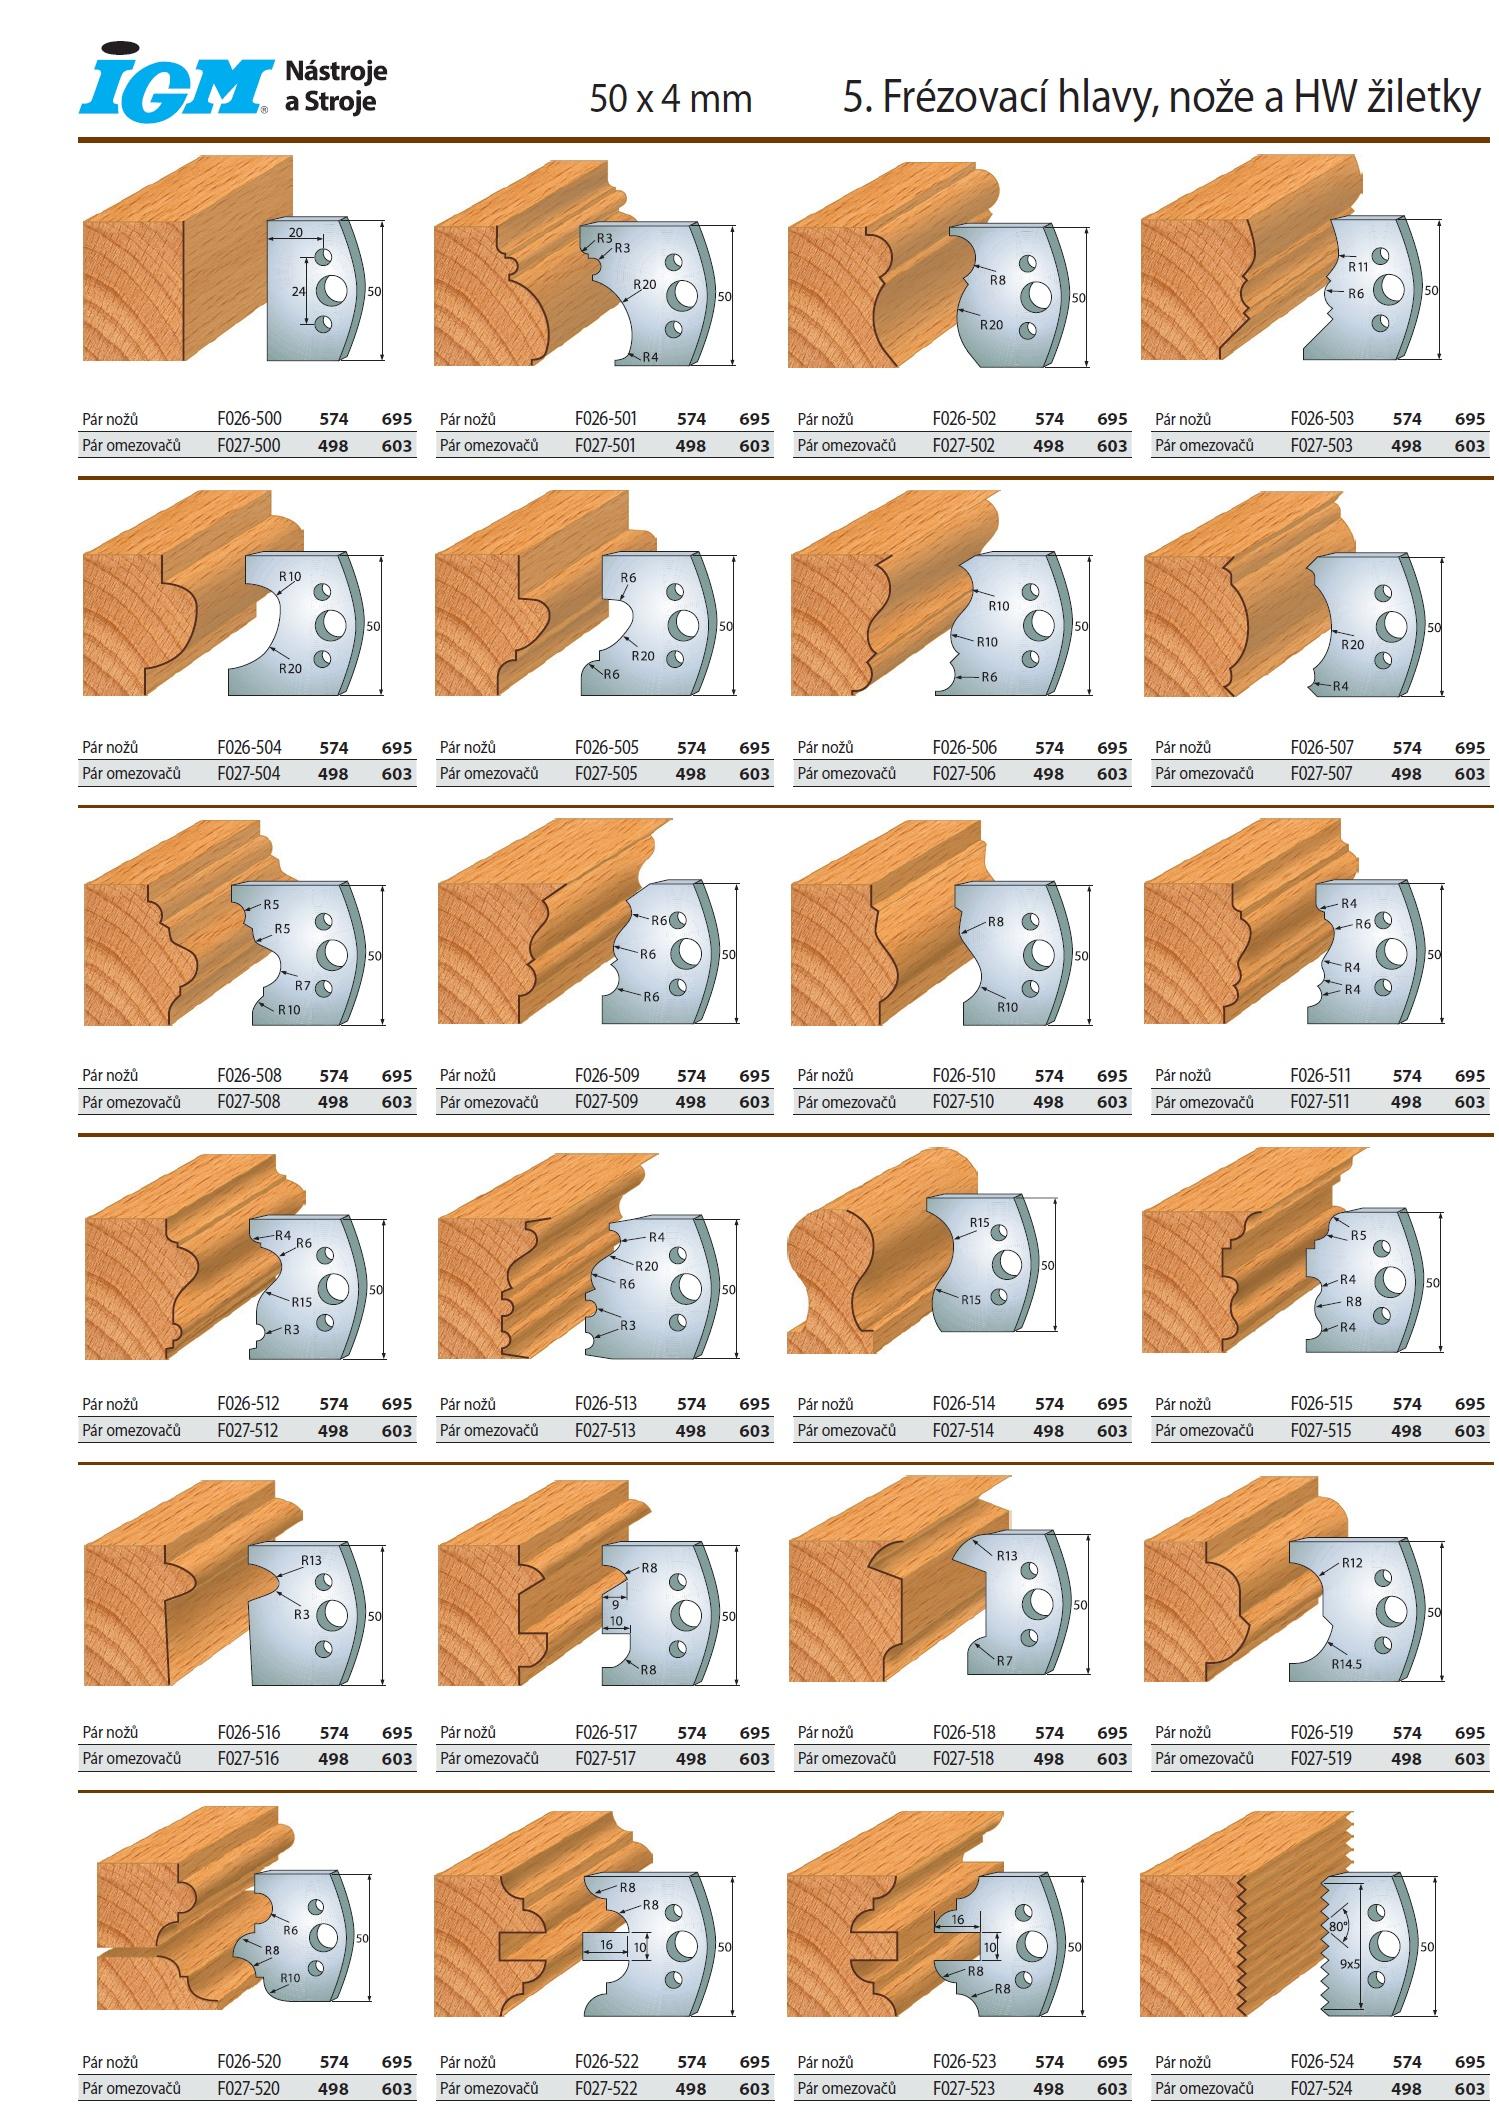 Profilové nože a omezovače